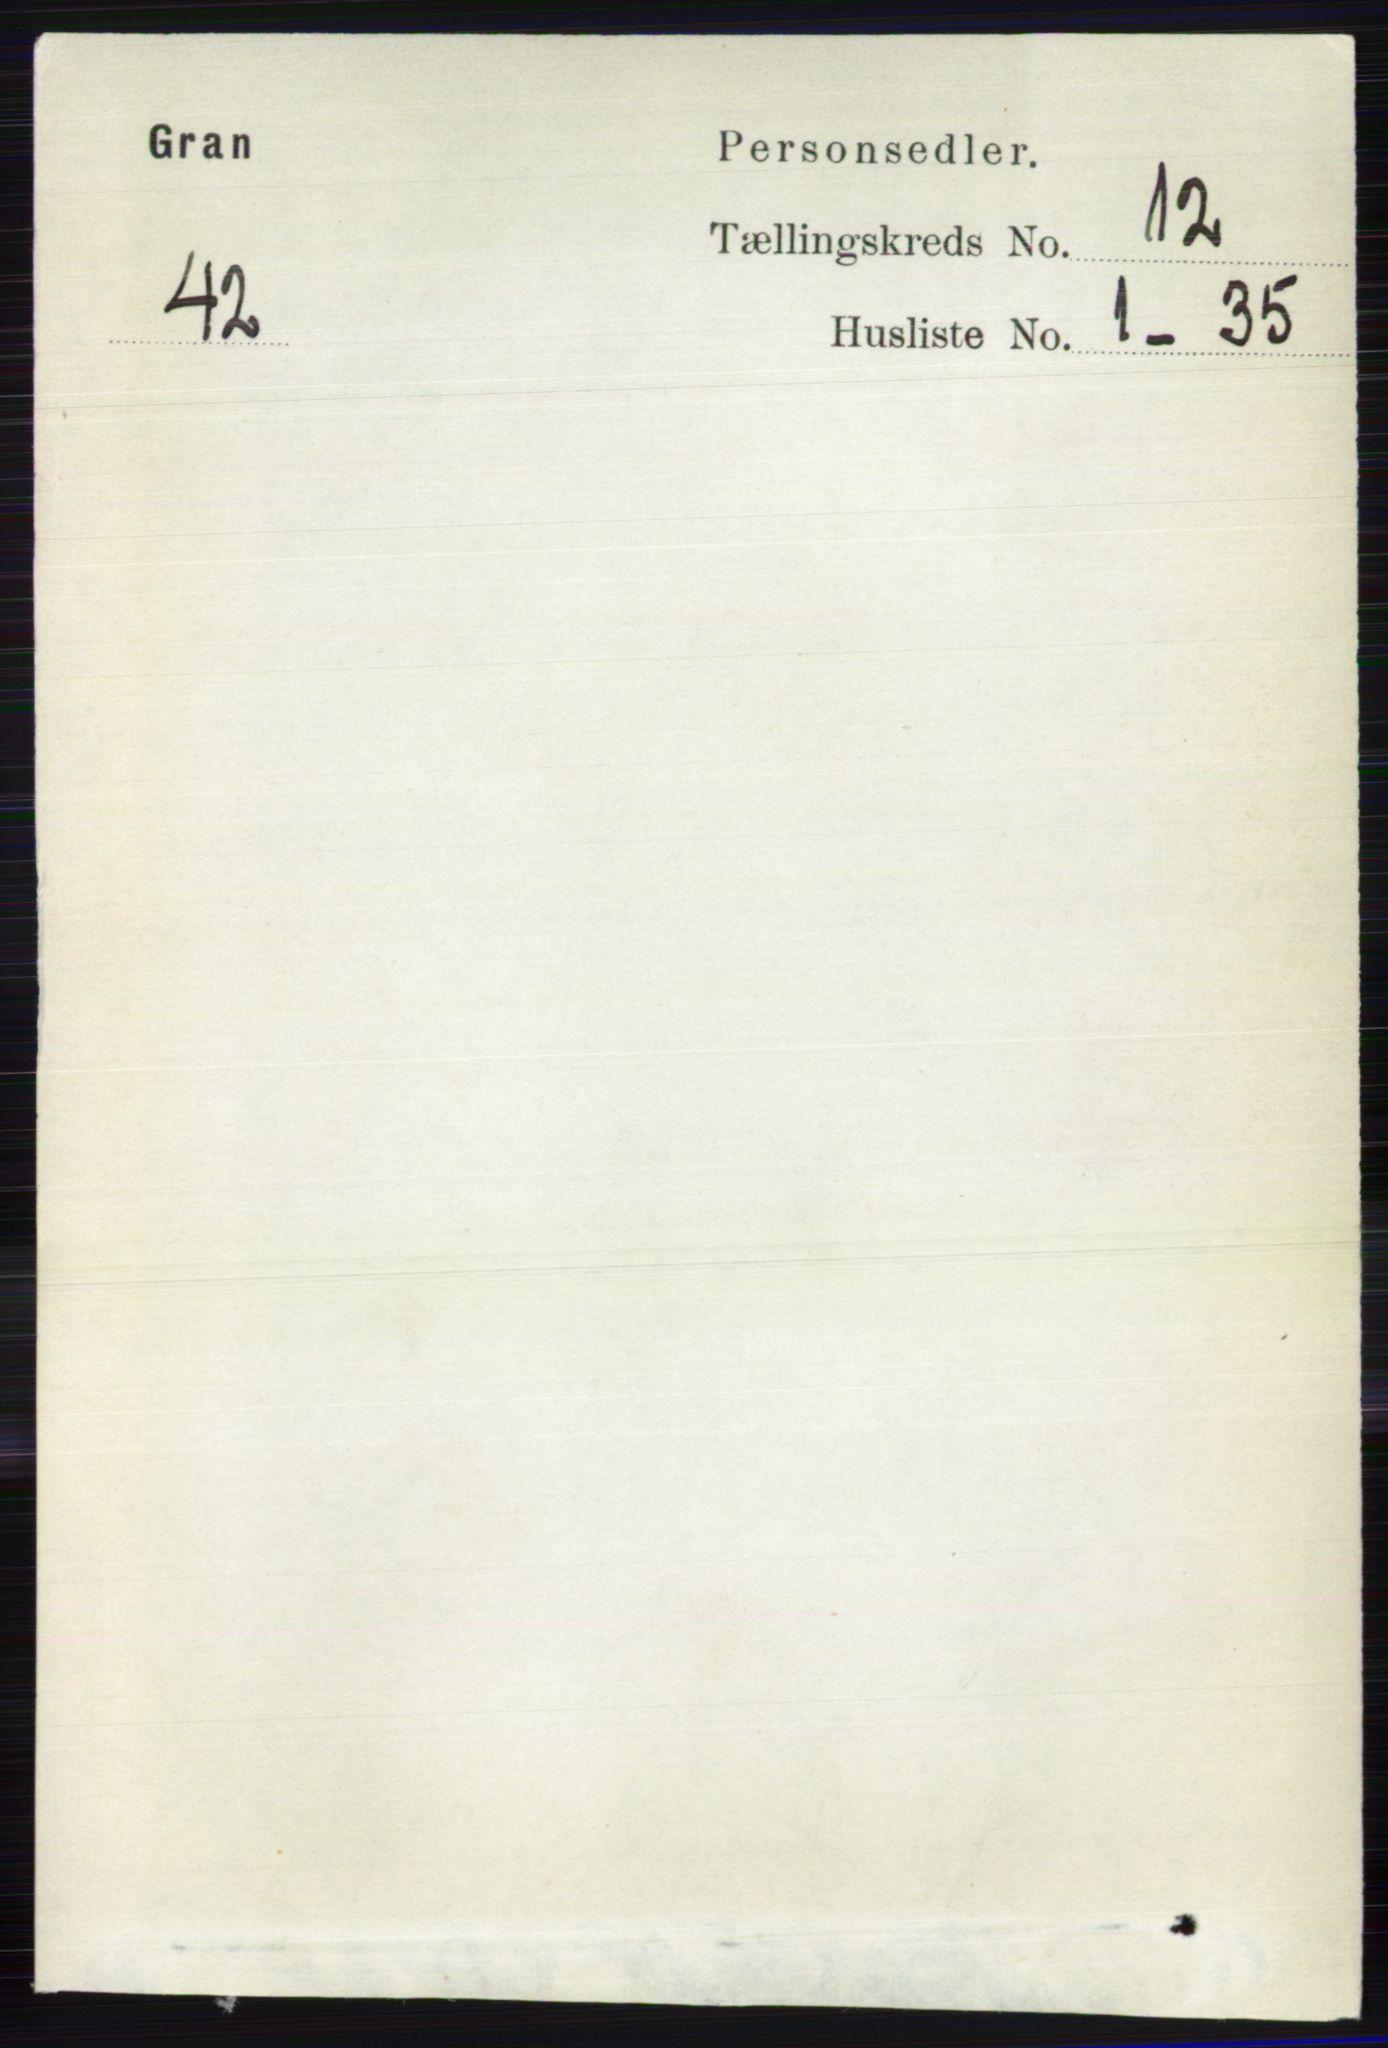 RA, Folketelling 1891 for 0534 Gran herred, 1891, s. 6176